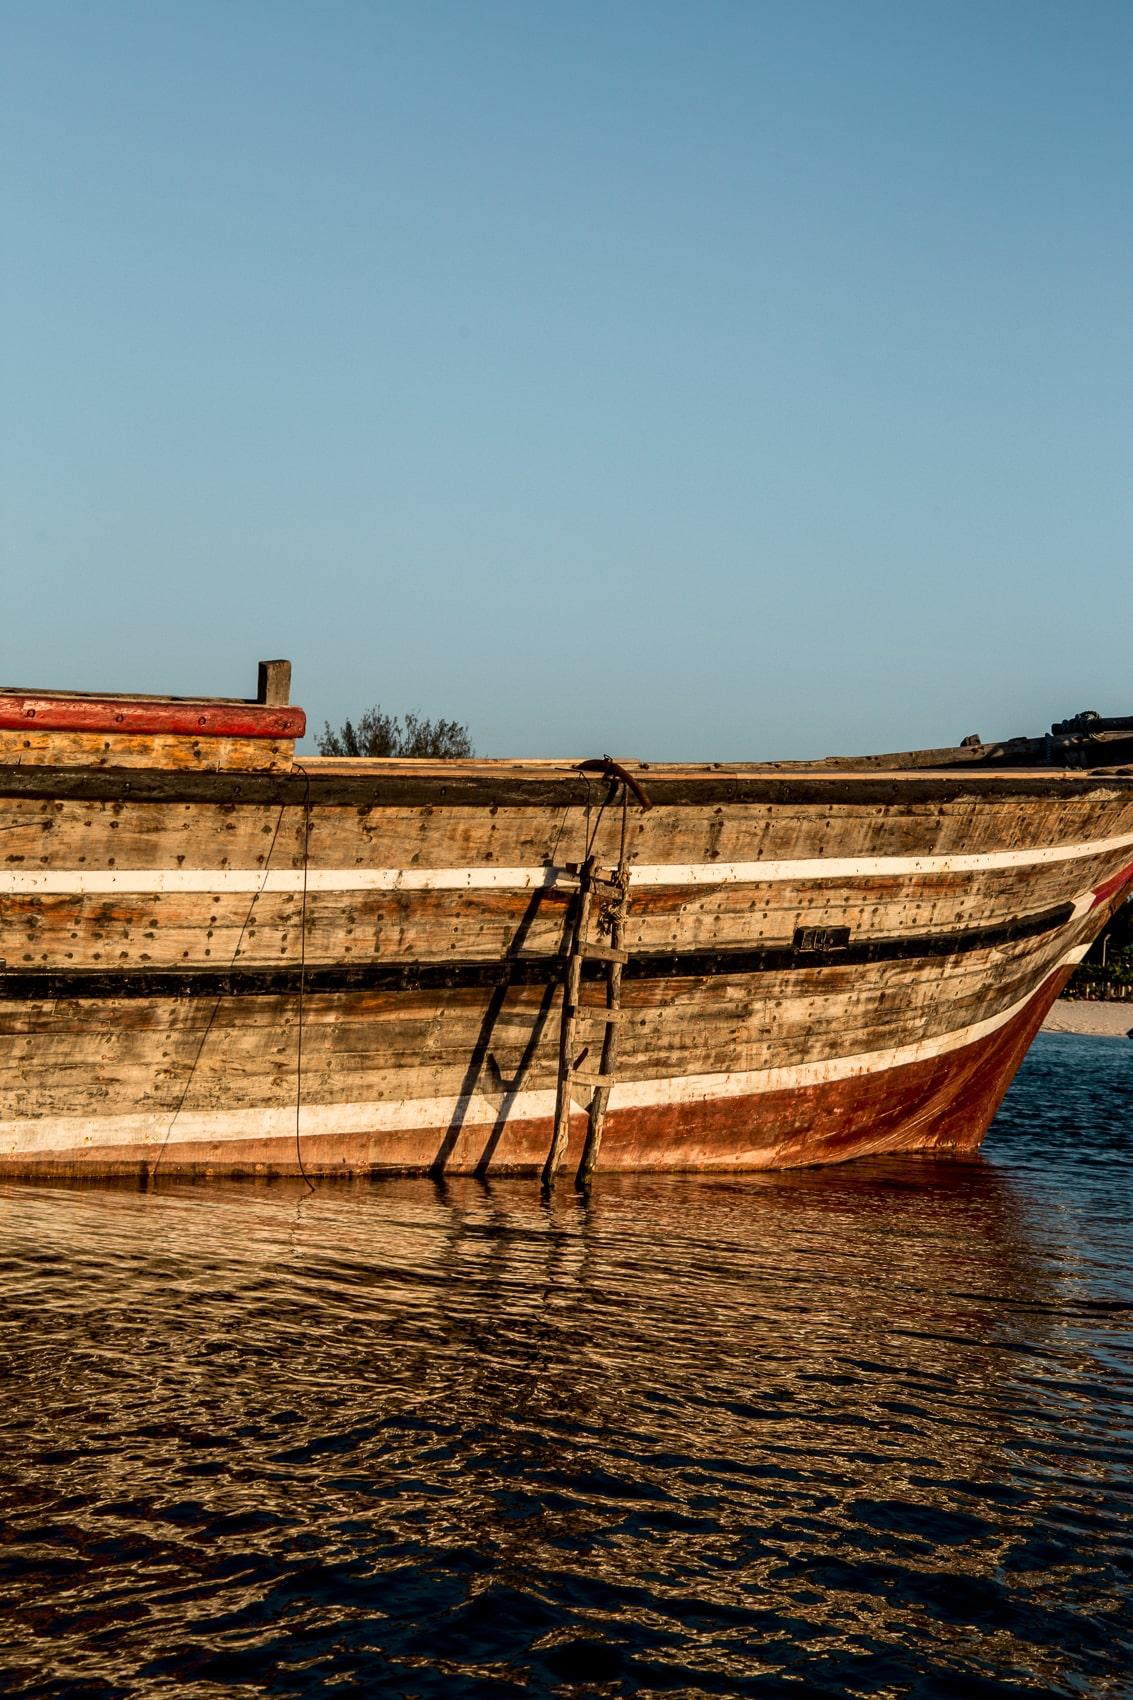 fünf-dinge-die-dich-auf-der-trauminsel-sansibar-überraschen-werden-sunset-cruise-kendwa-beach-reiseblog-des-belles-choses 3